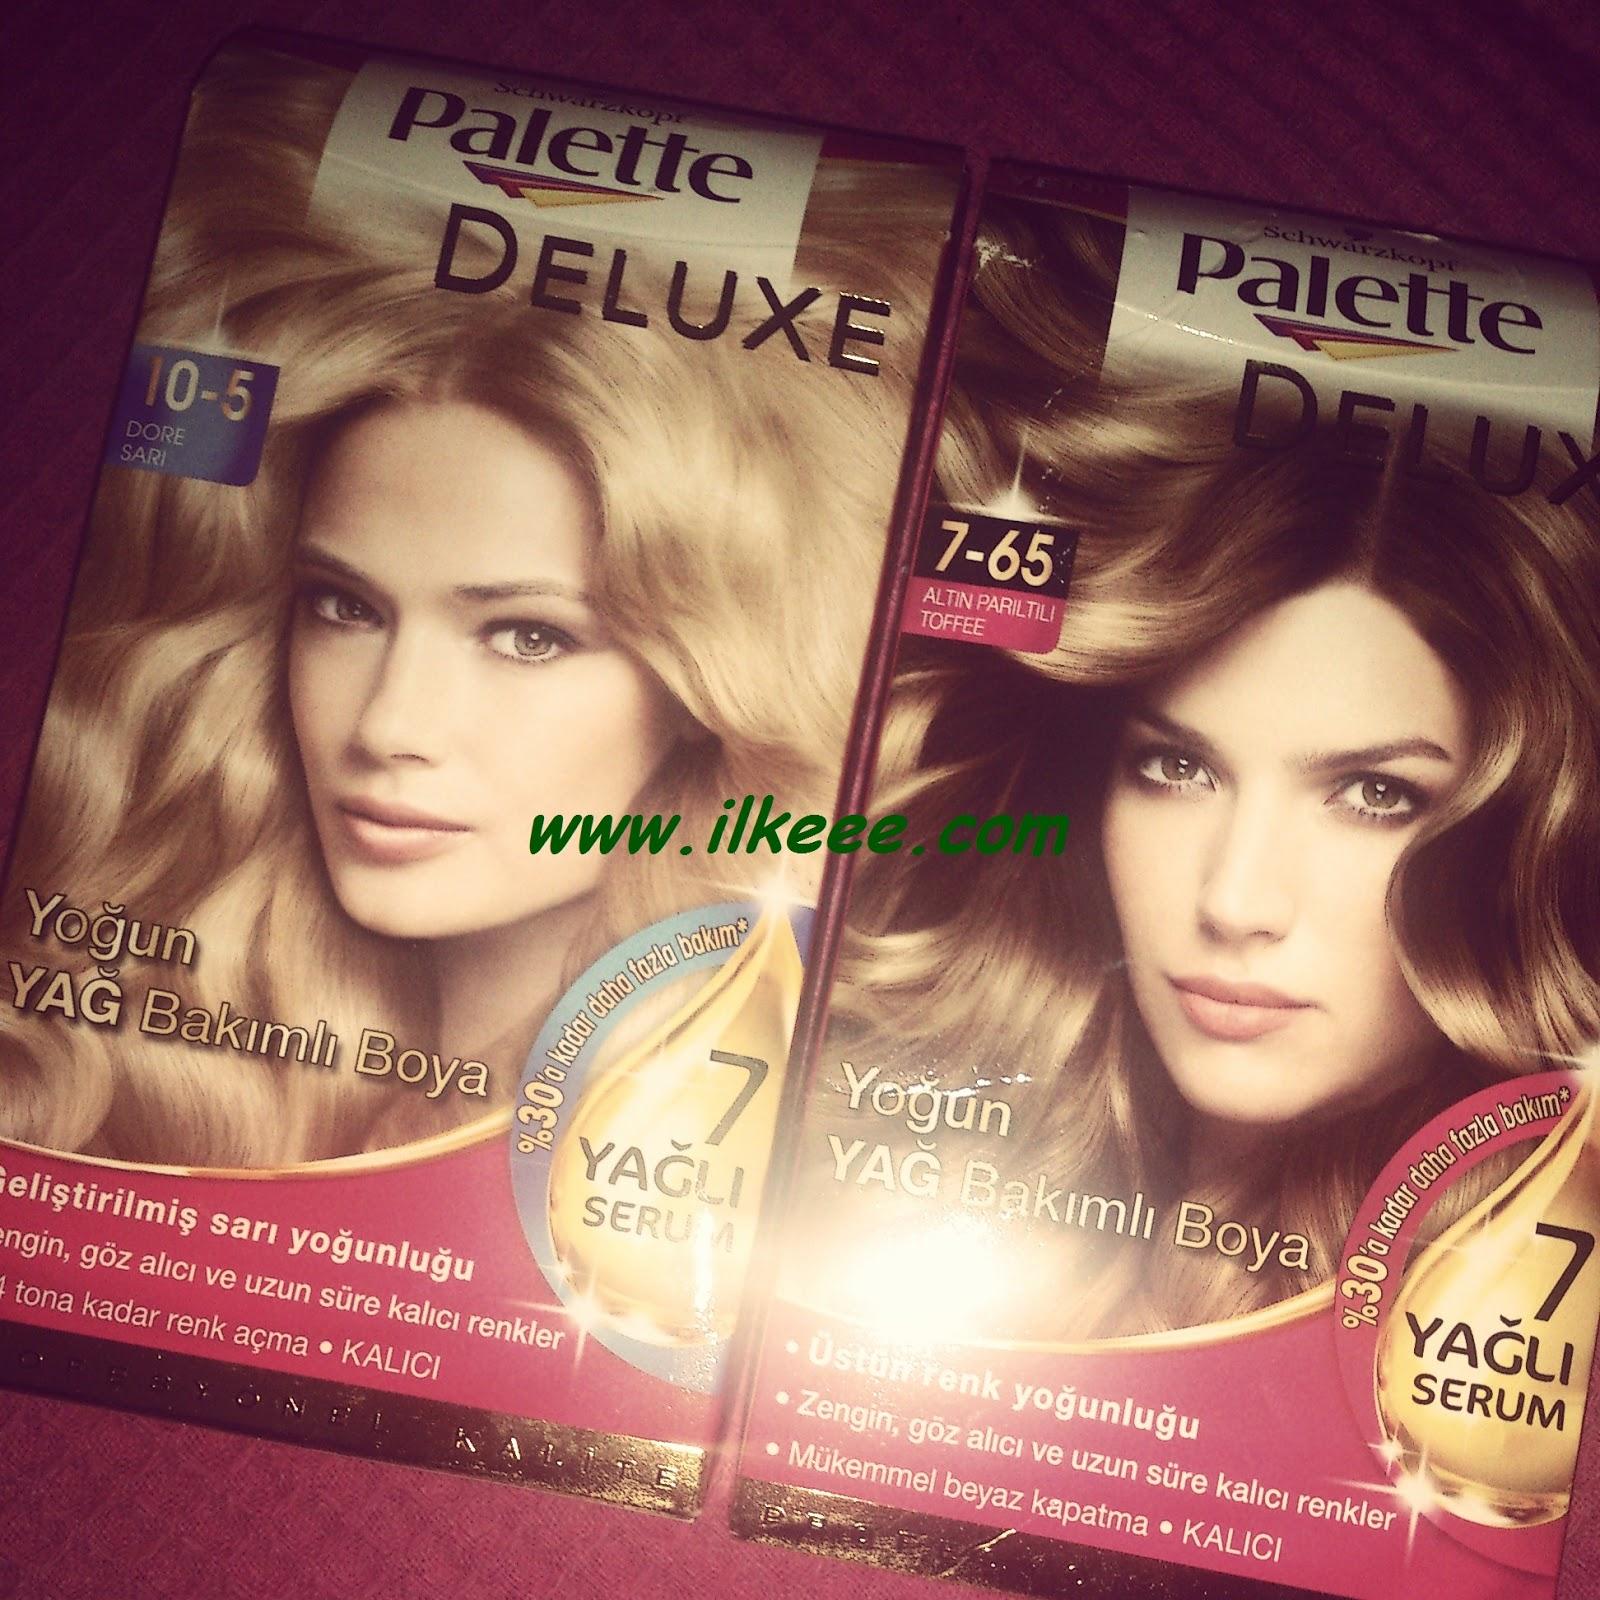 Palette Boya deneyenler - Palette Deluxe 10-5 - Palette Yoğun Yağ Bakımlı Saç Boyası - Palette Dore Sarı - Palette Altın Parıltılı Toffee